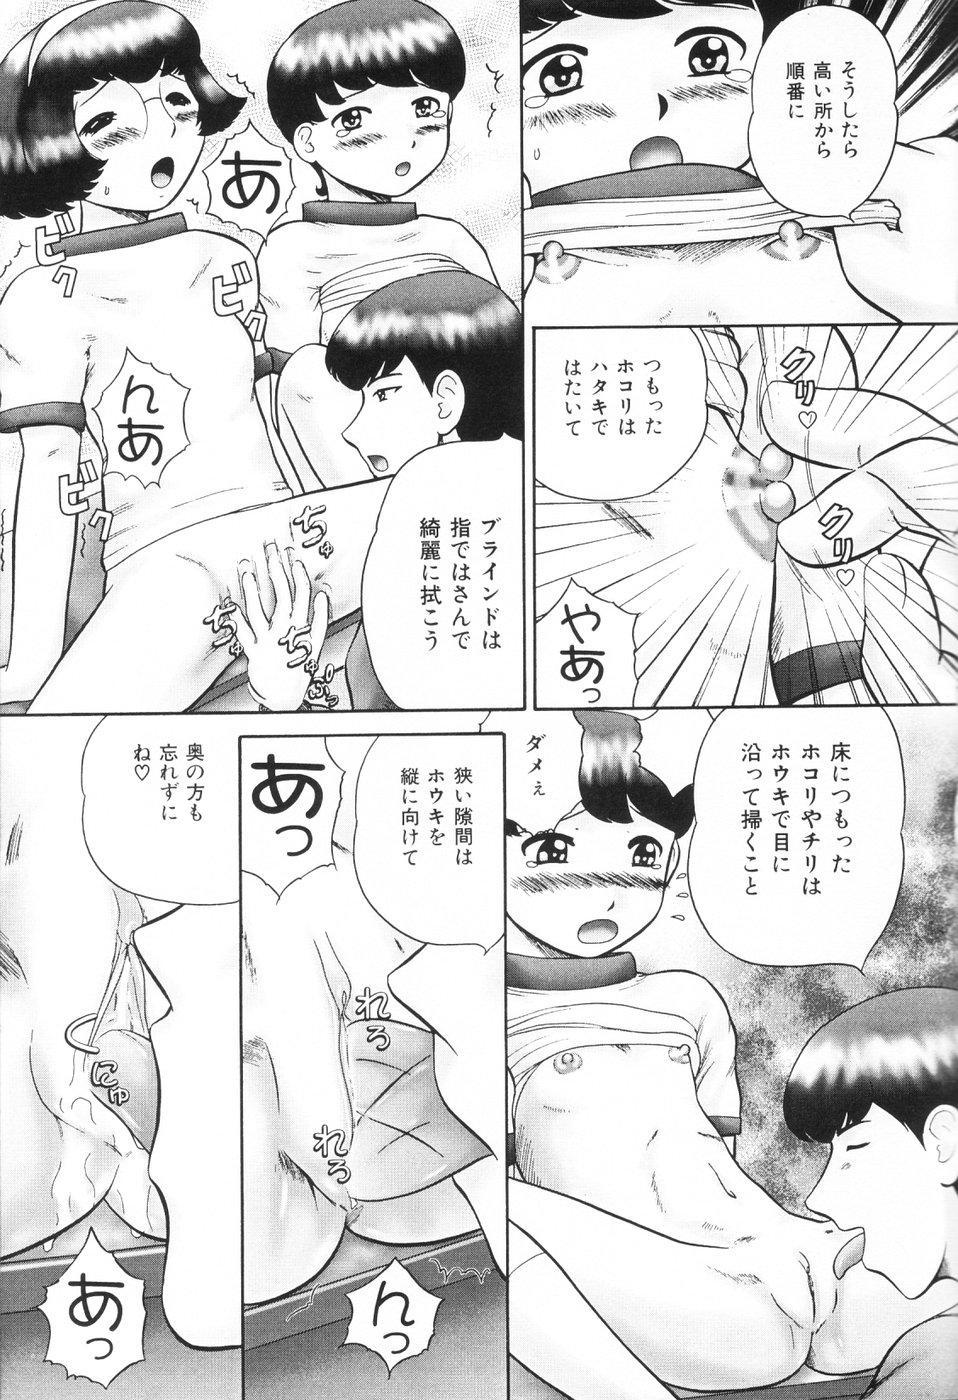 Koneko Genki!! - Powerful Pussycat!! 96